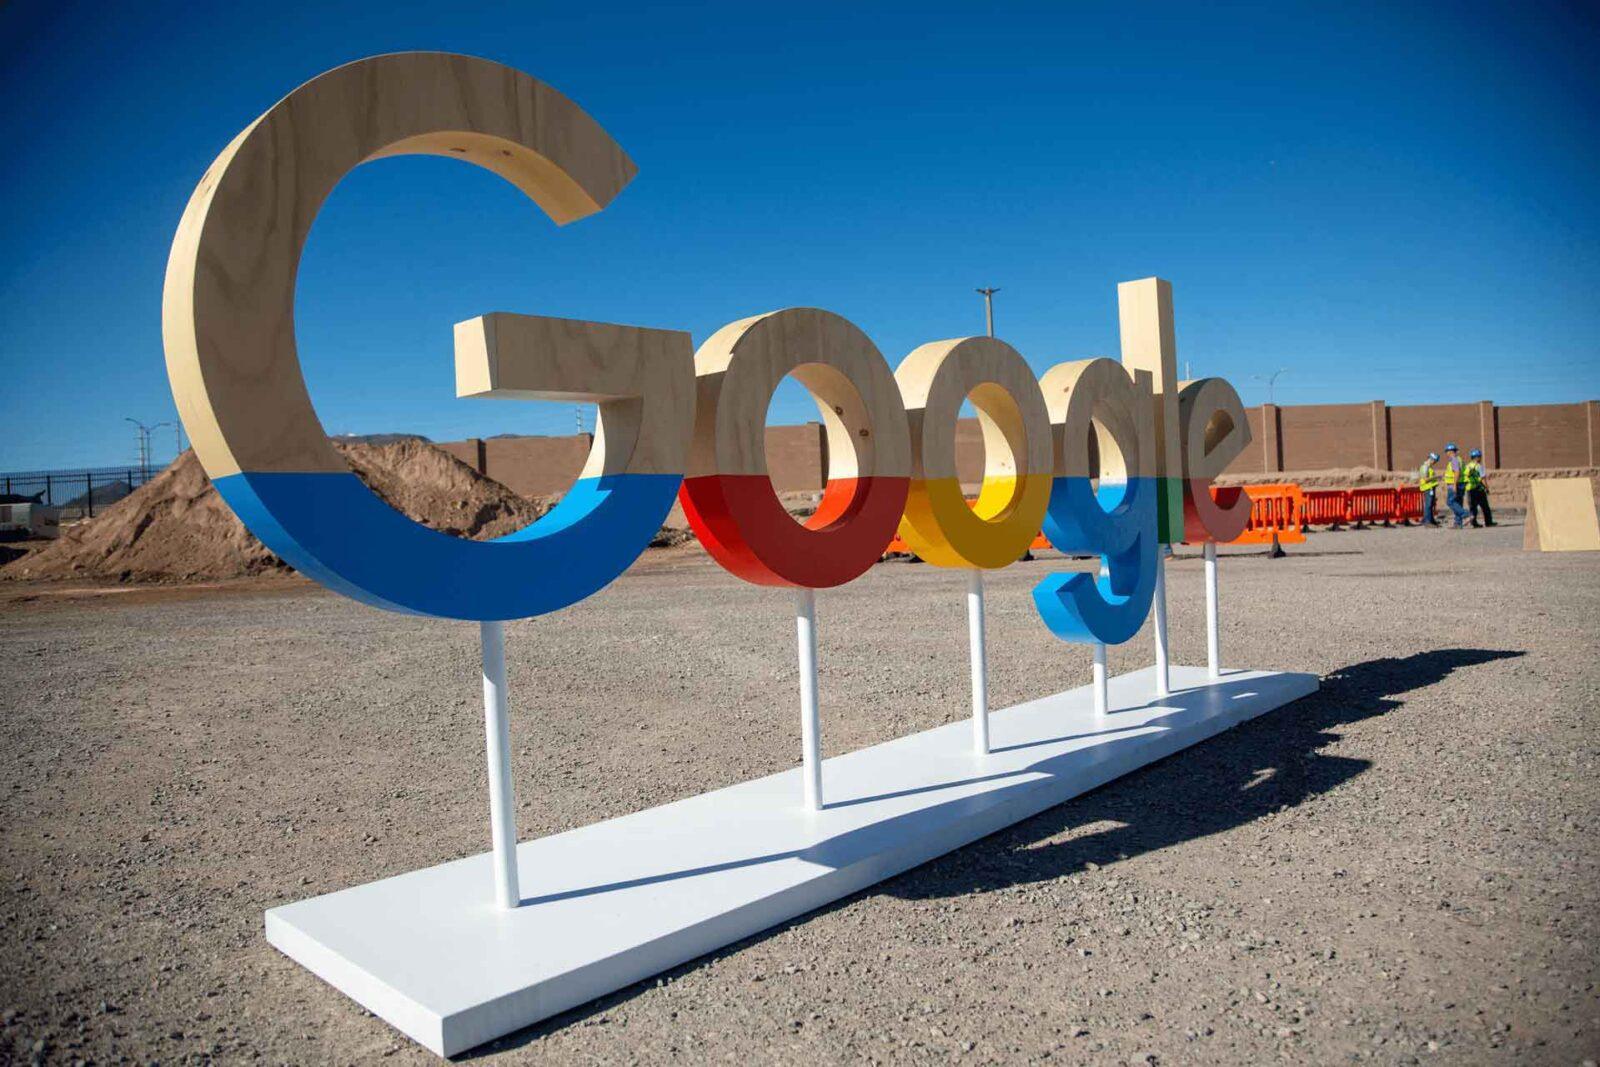 دیتاسنتر های گوگل در چه مکانهایی از زمین قرار دارند؟